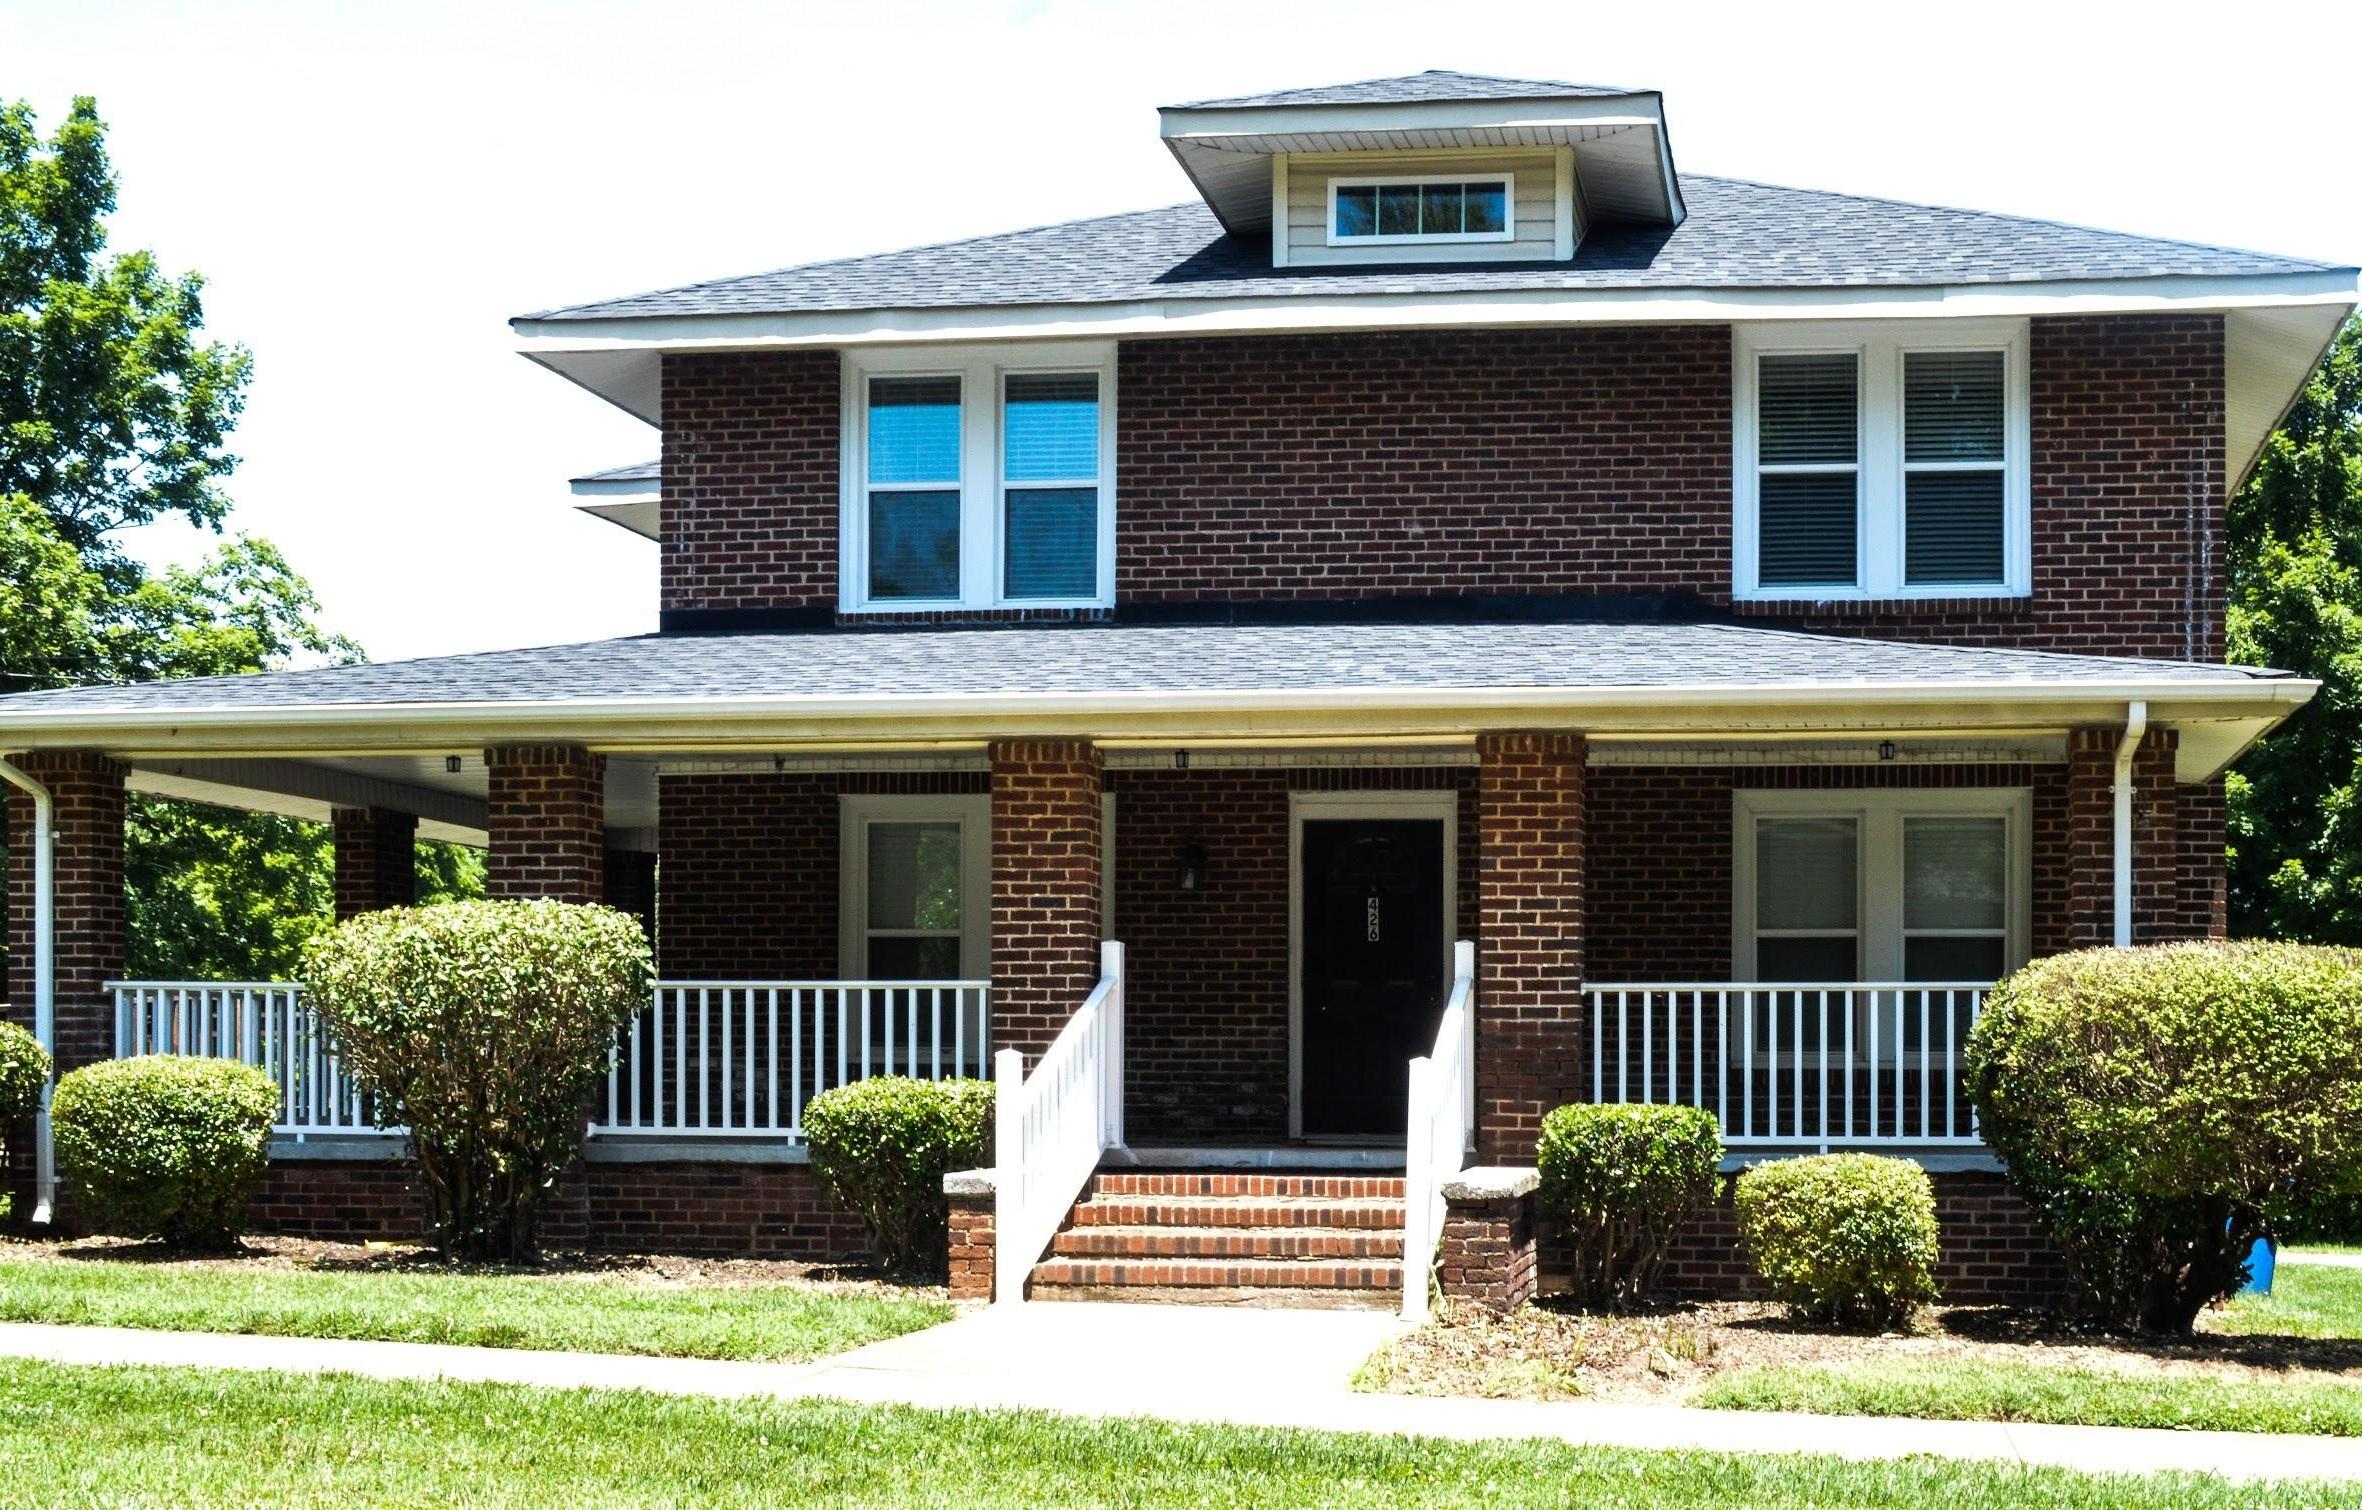 Residential Duplex - Statesville 28677